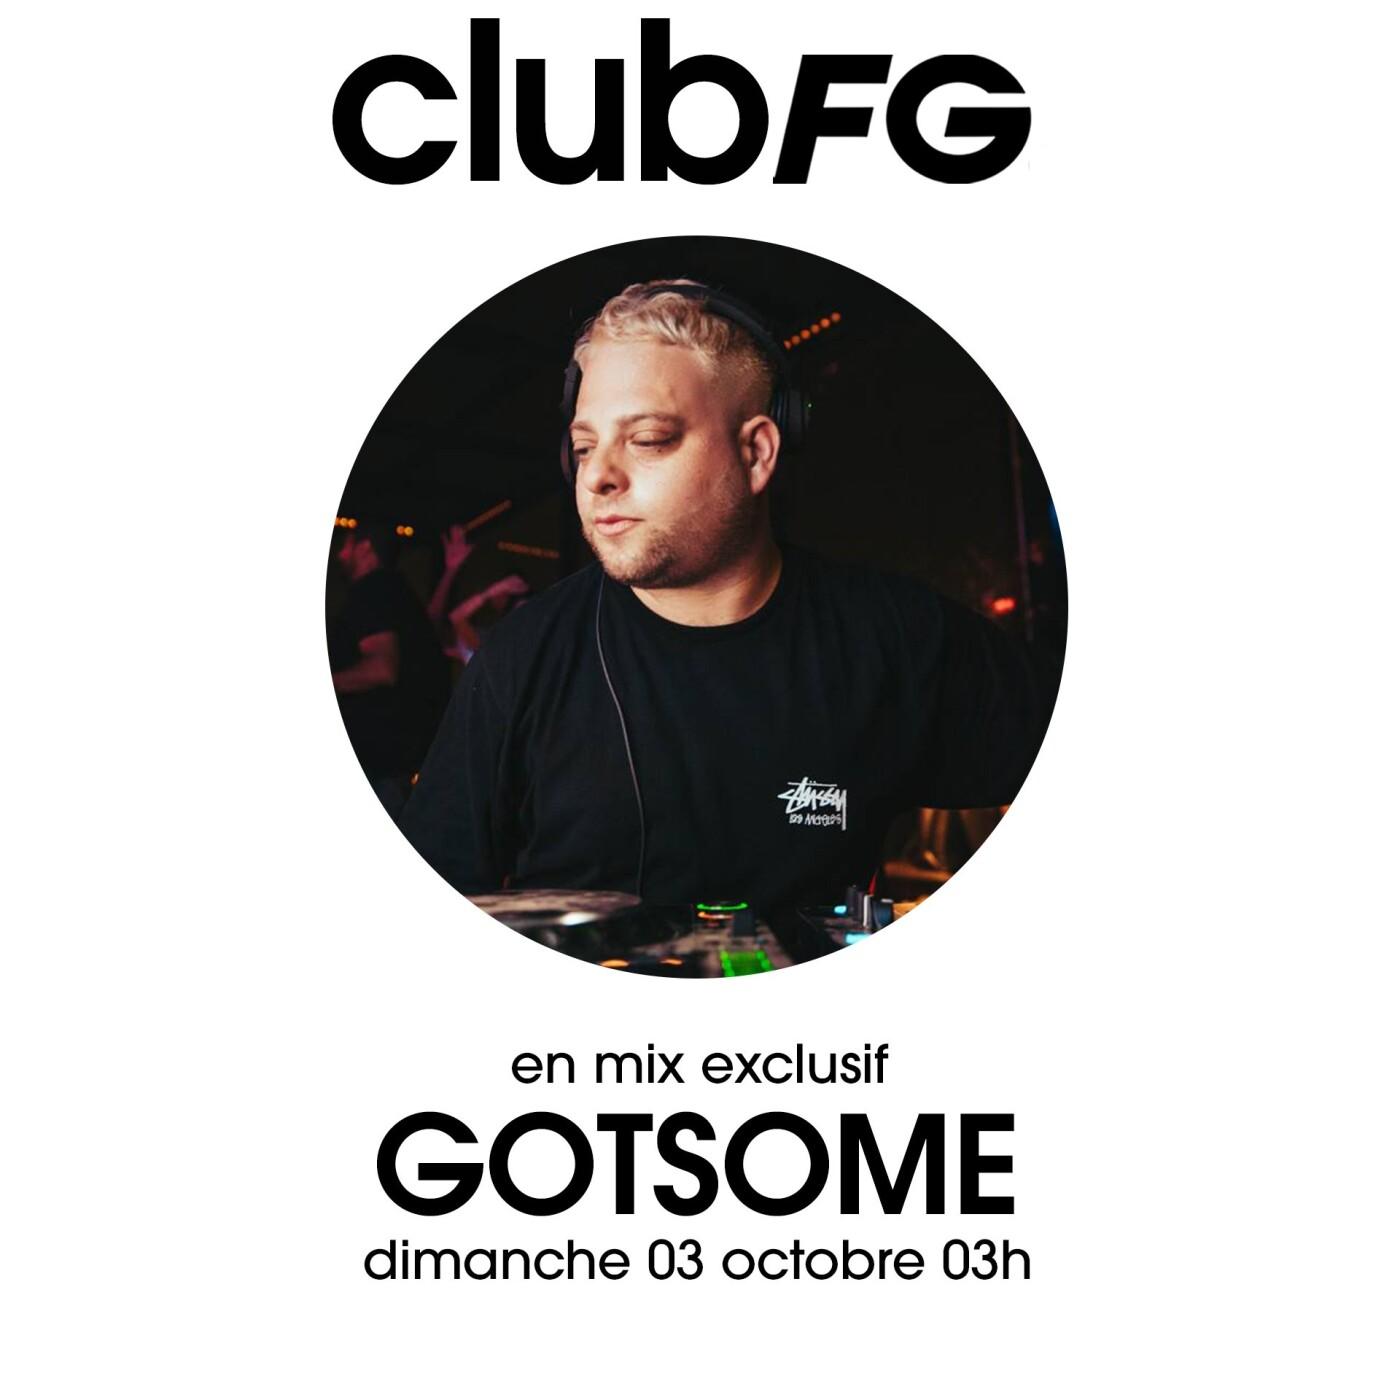 CLUB FG : GOTSOME